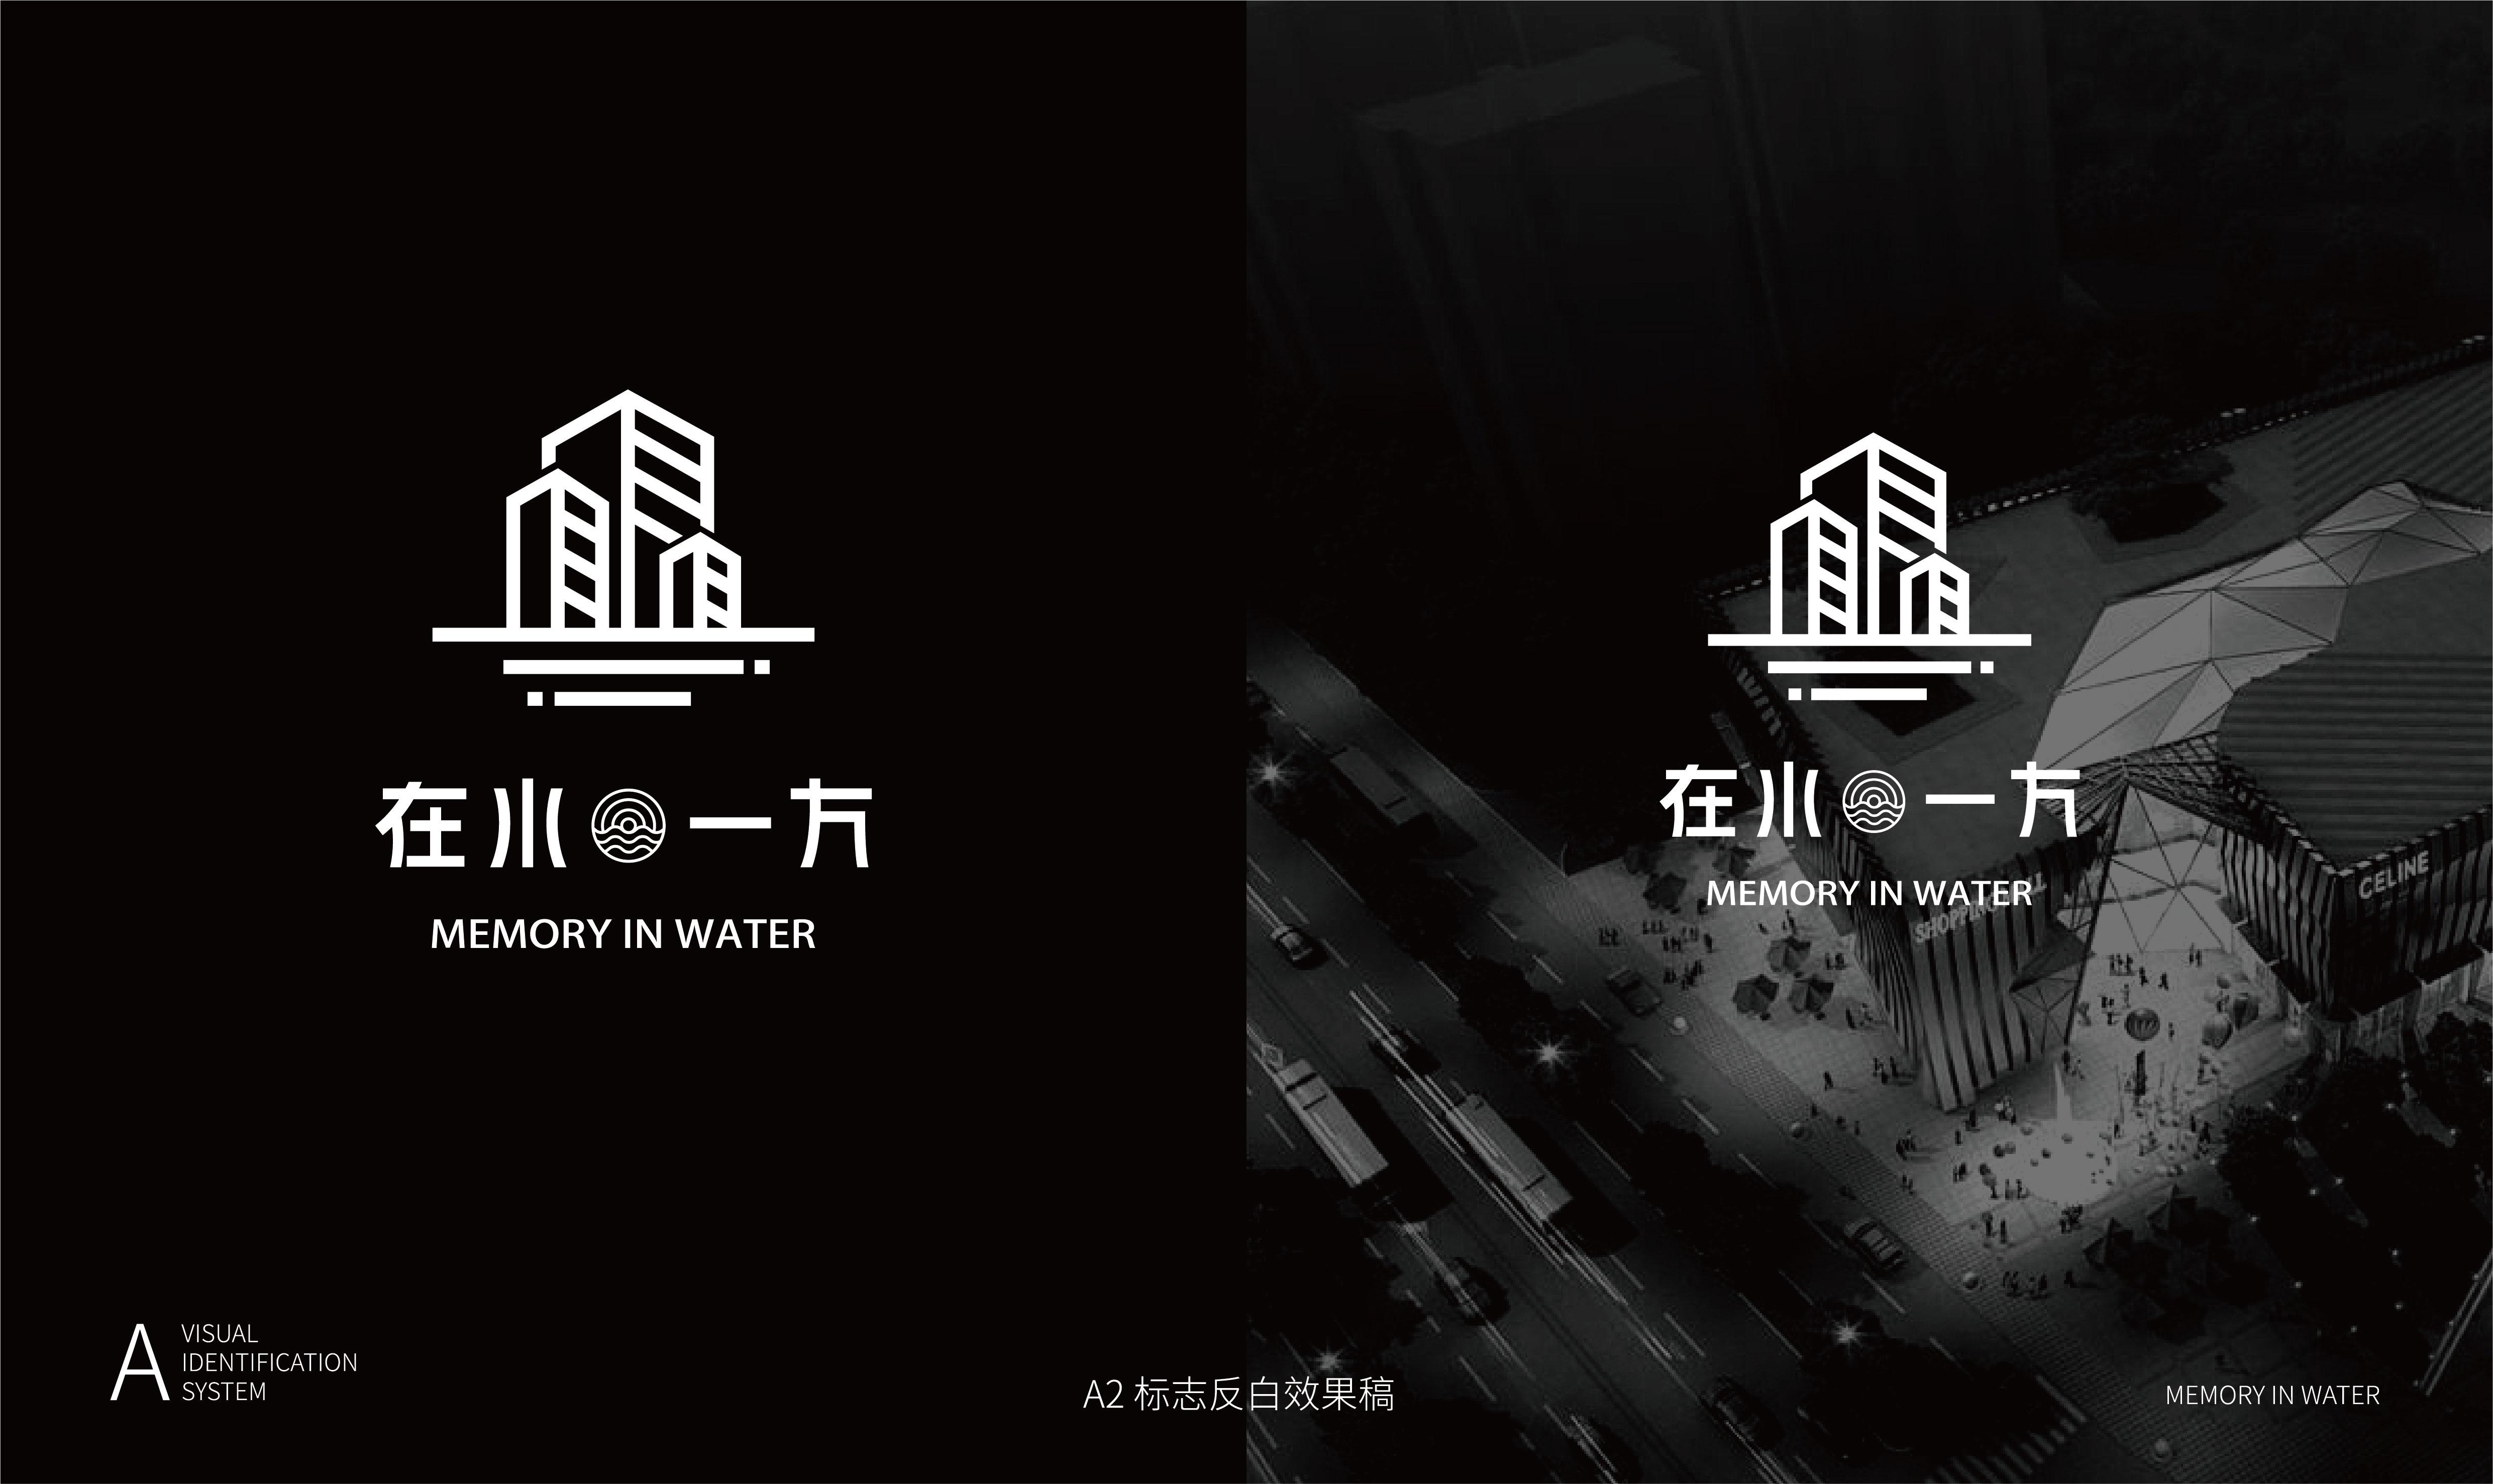 在水一方品牌形象设计